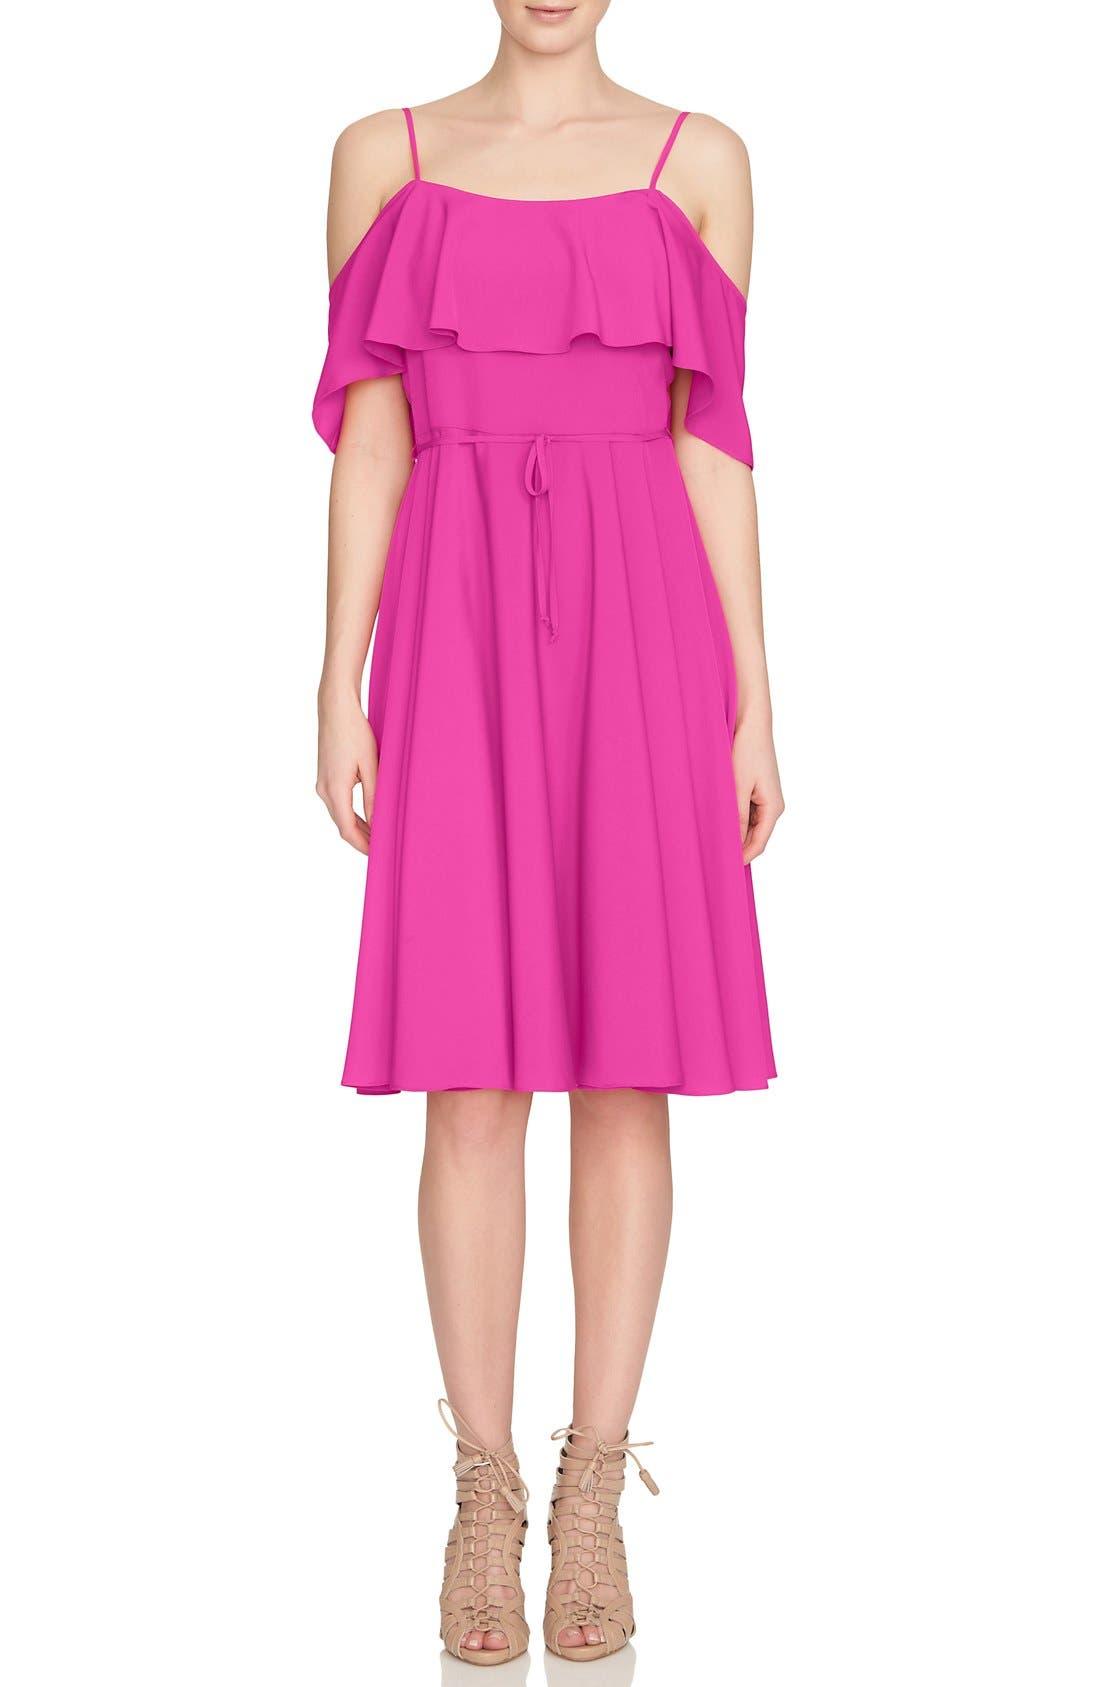 Main Image - CeCe 'Jackie' Cold Shoulder Fit & Flare Dress